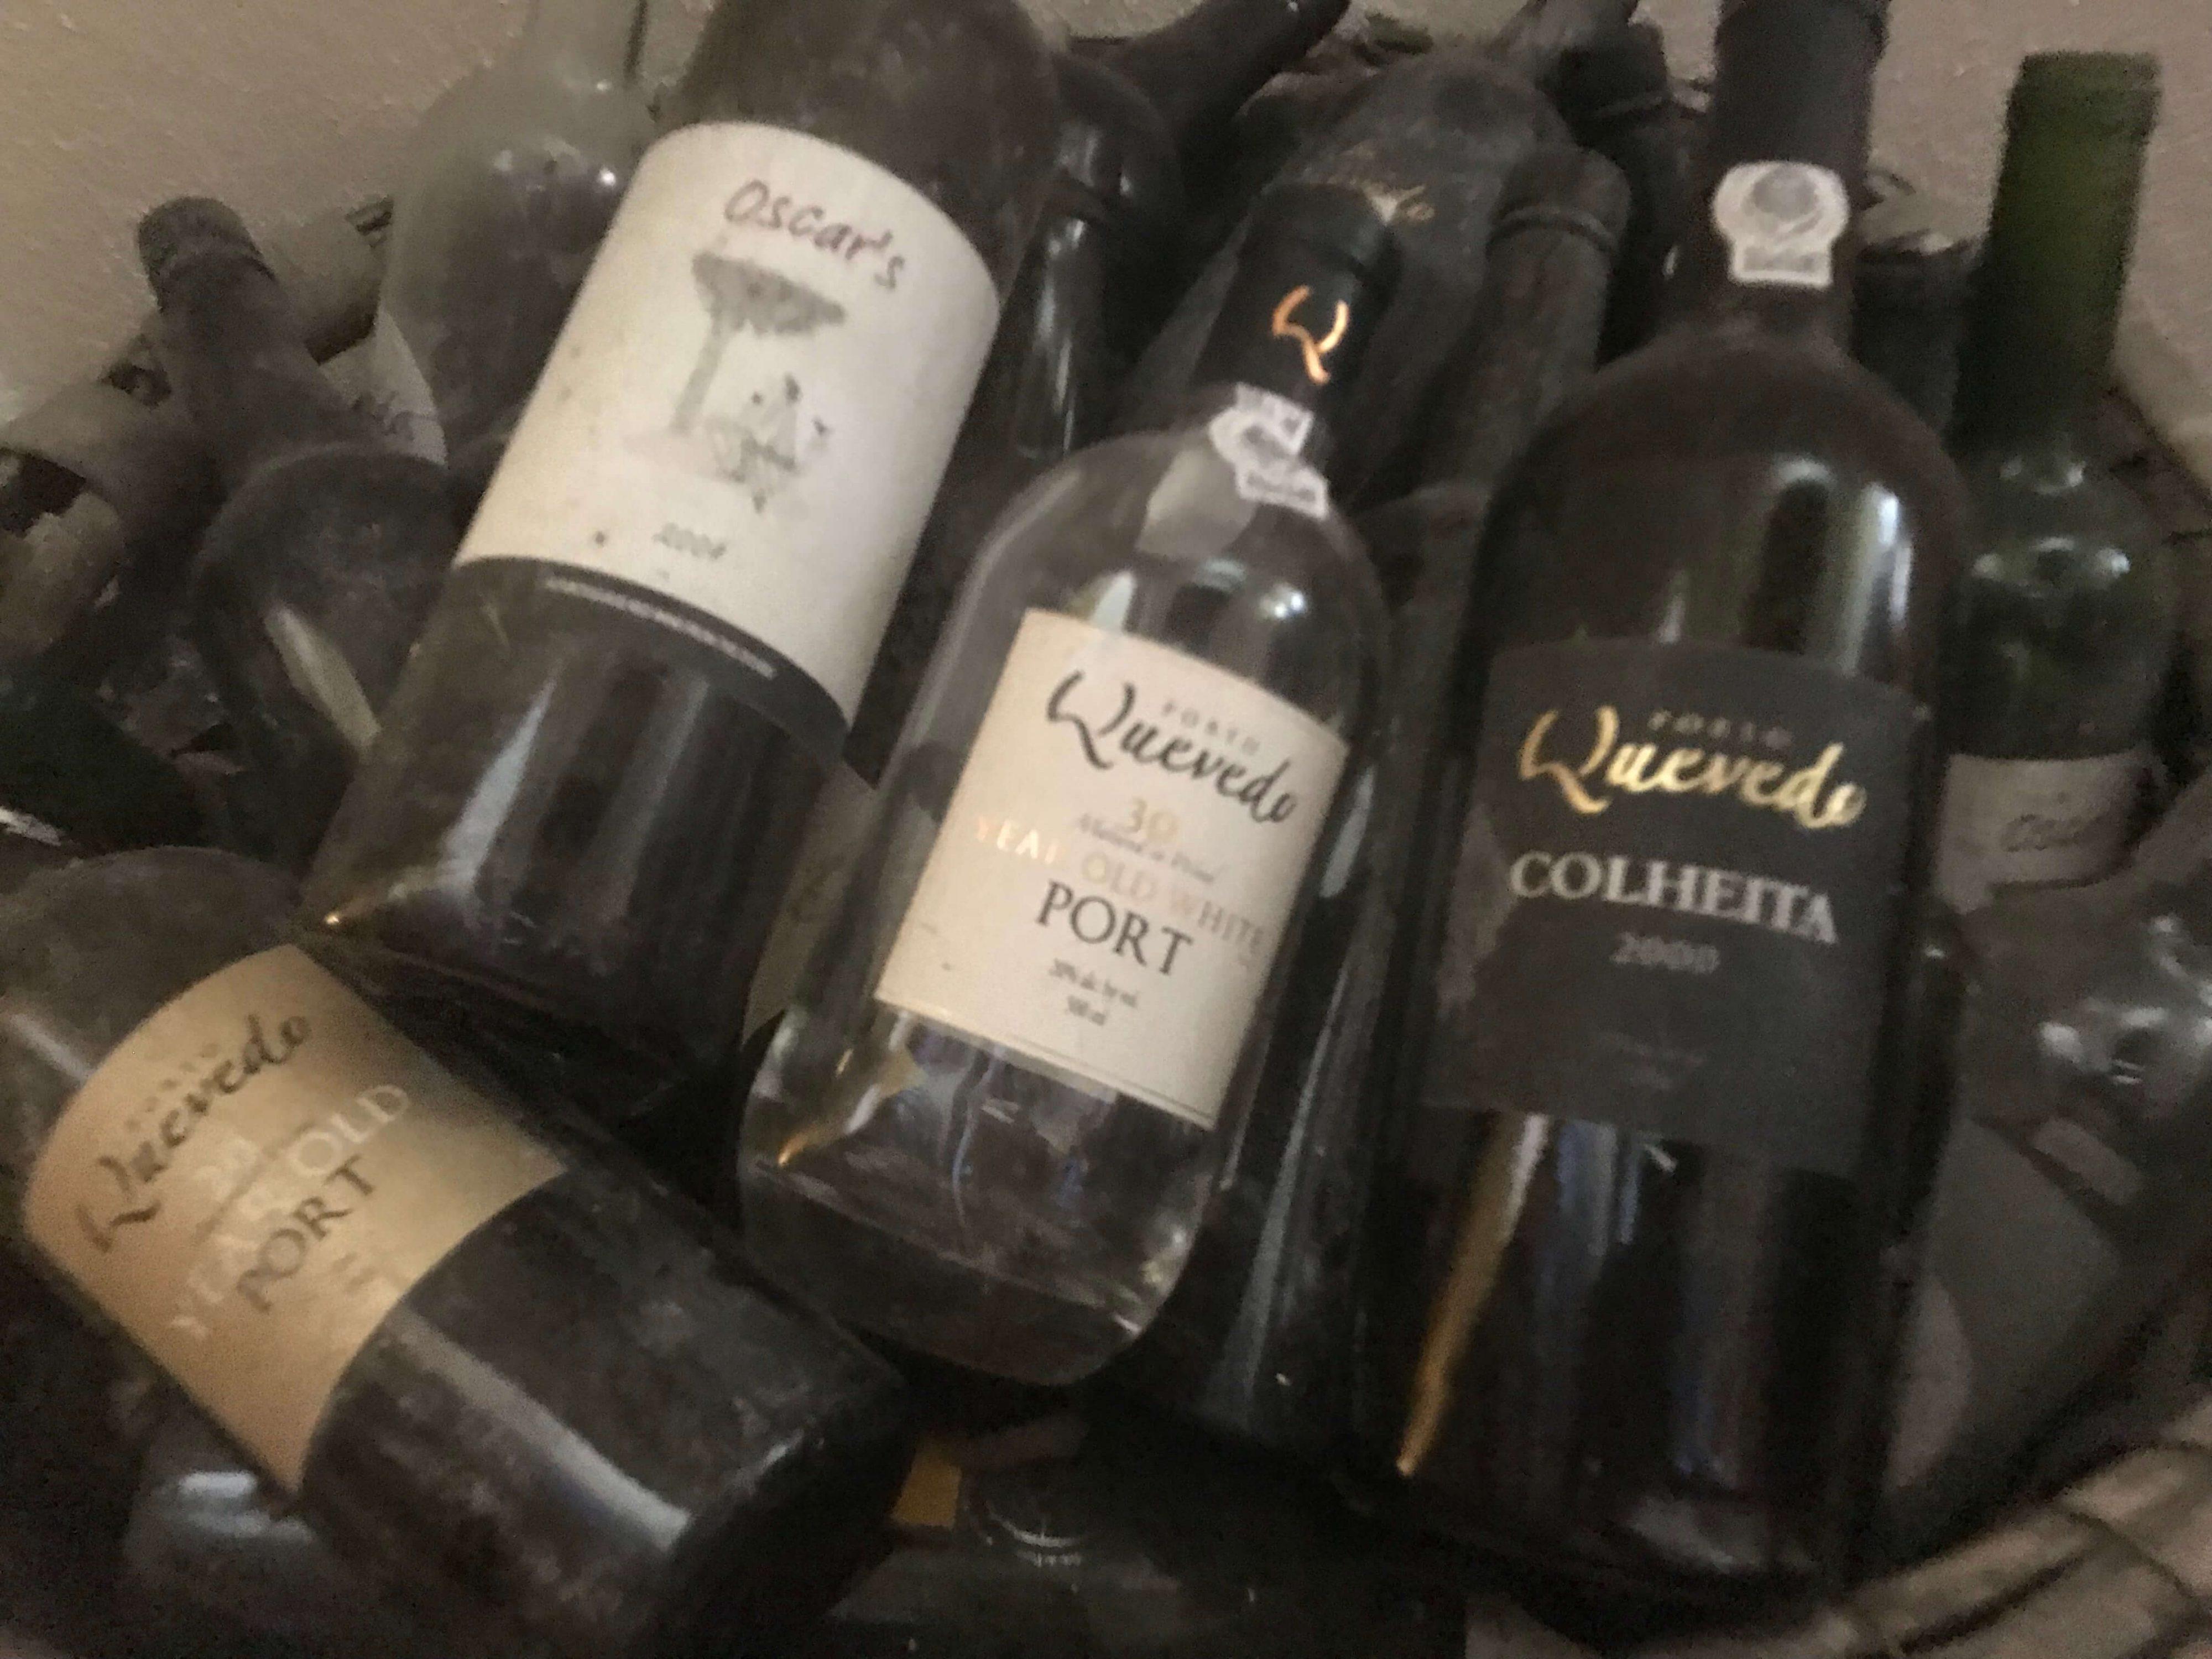 Falschengereifte Portweine oder fassgereift - das ist hier die Frage